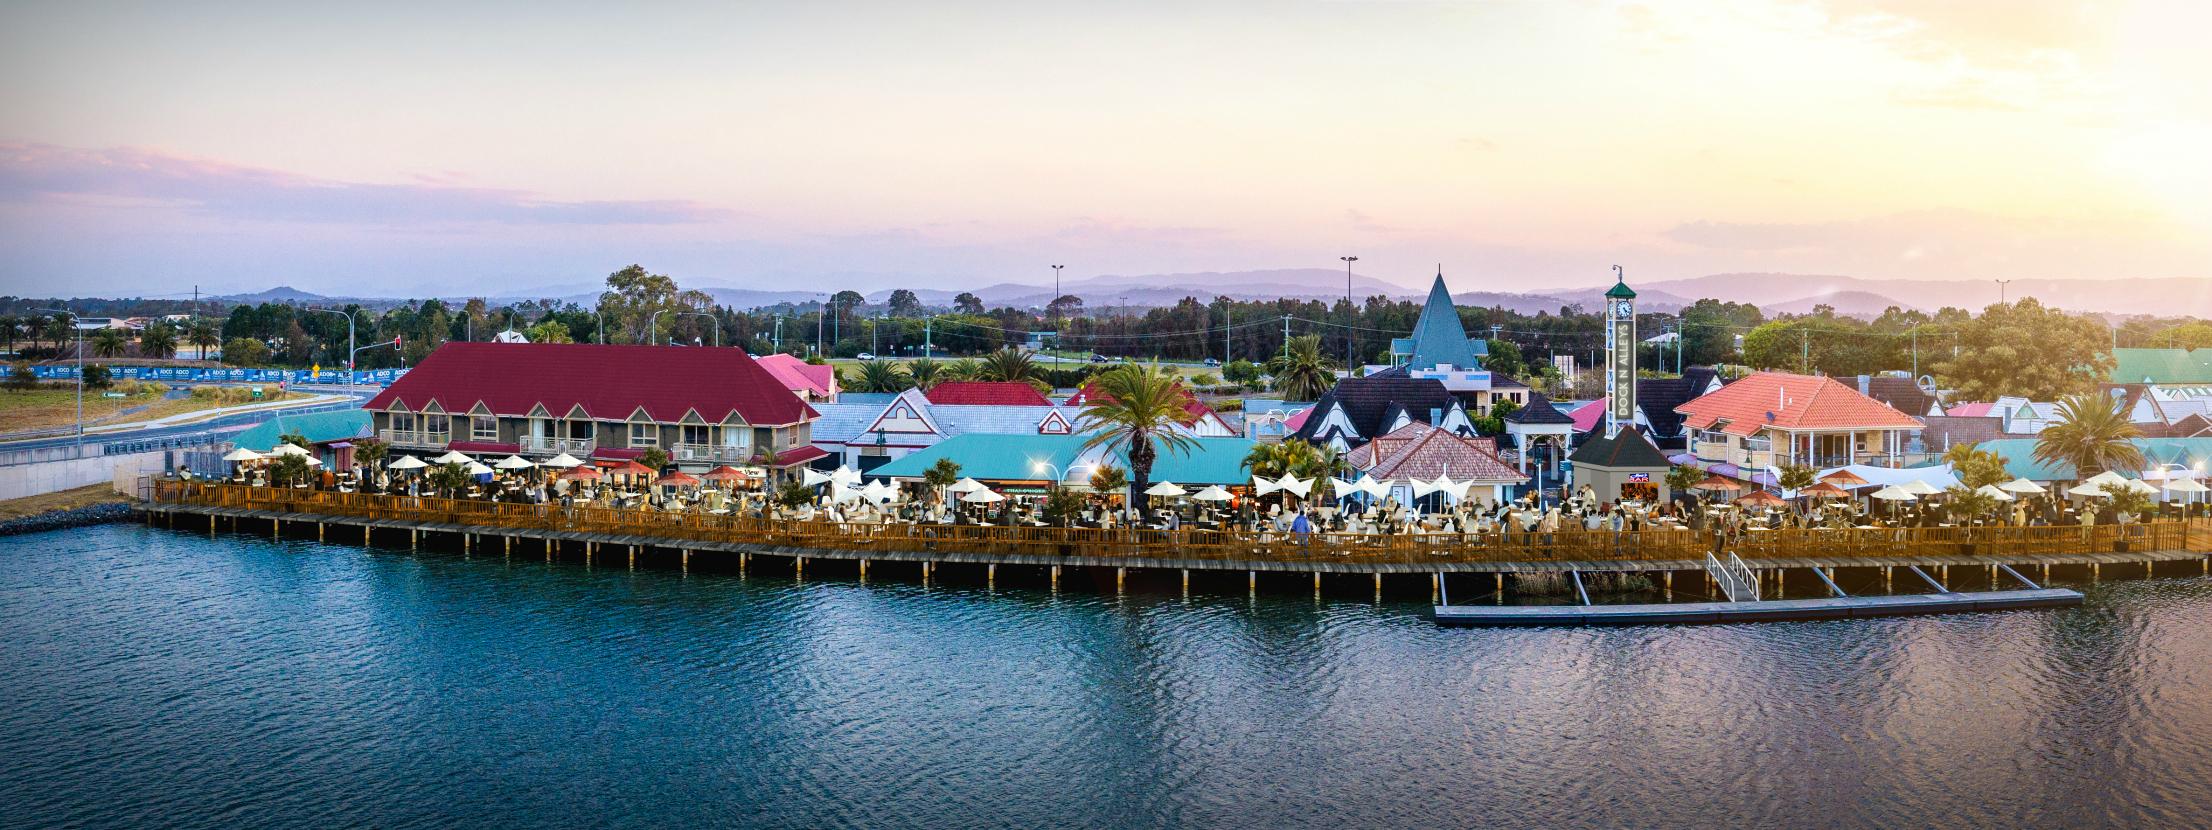 Waterfront - Med.jpg